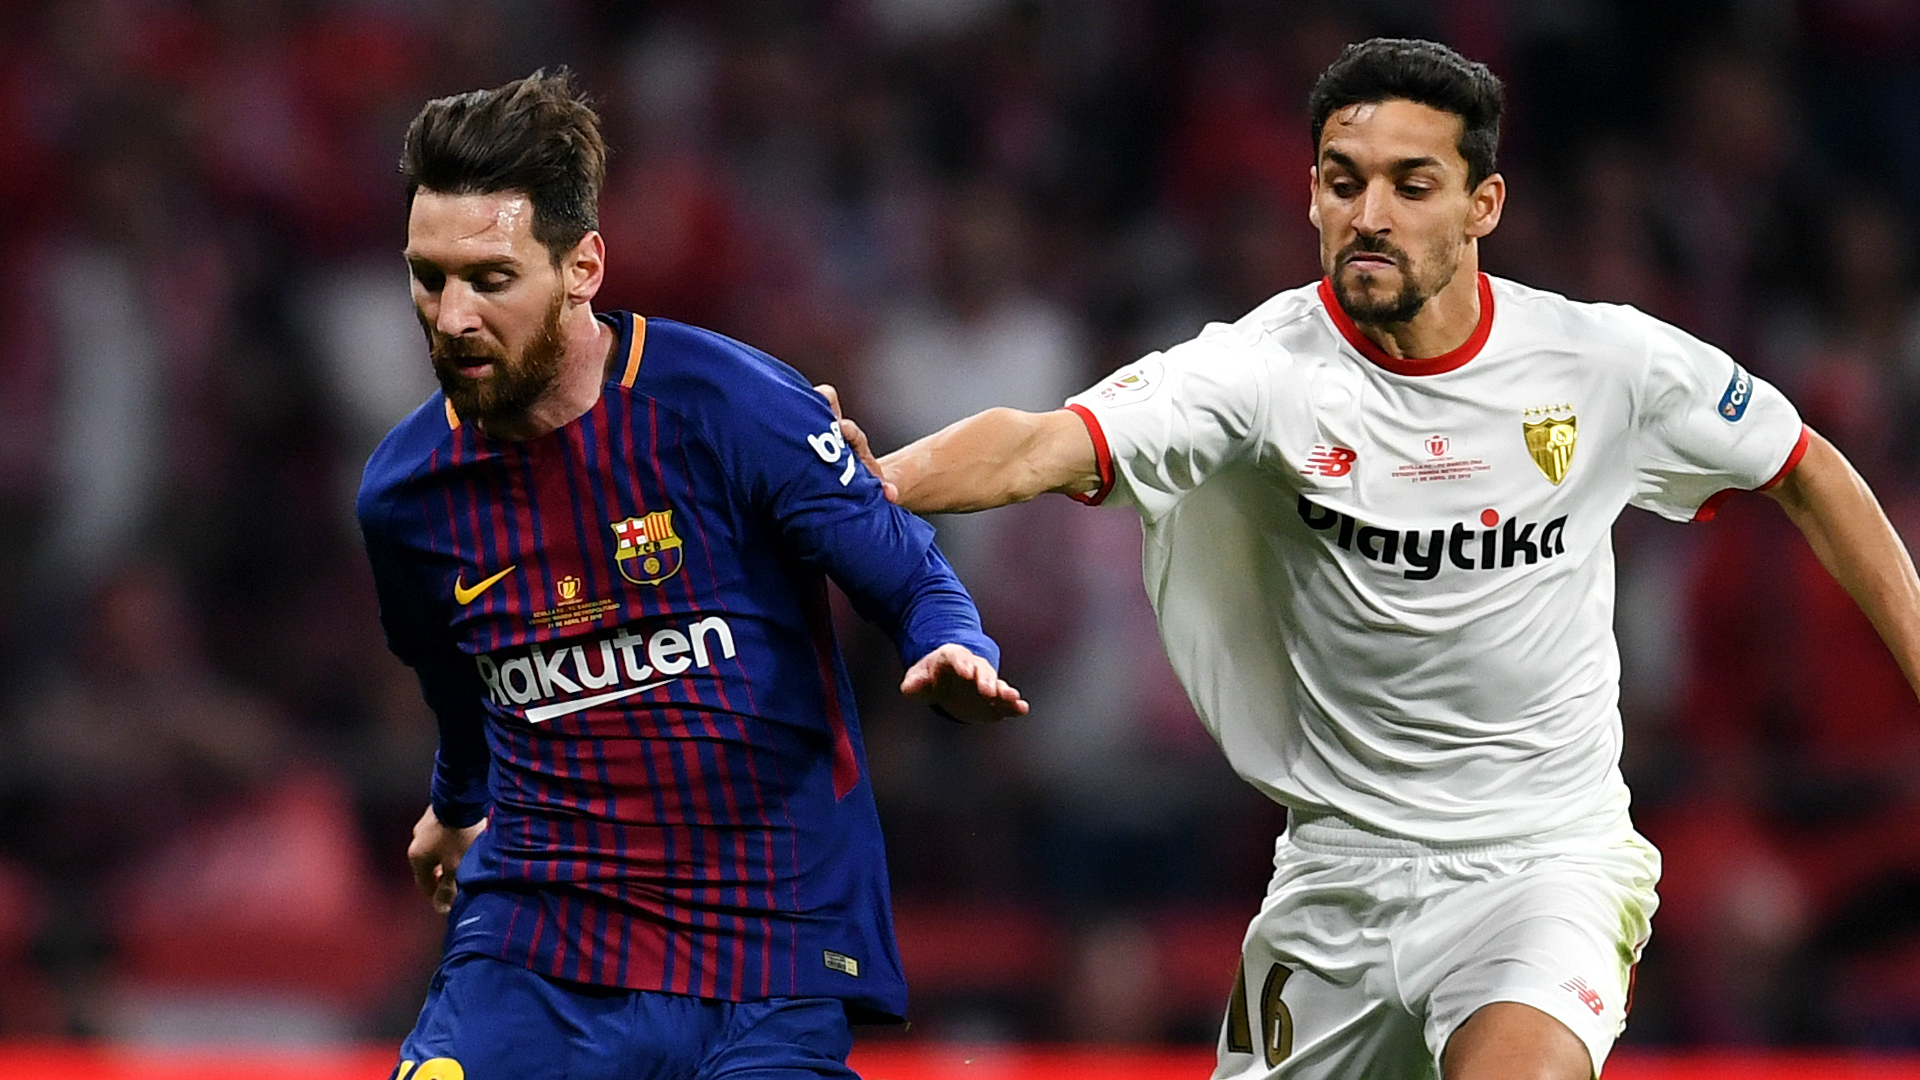 Copa del Rey draw: Barcelona to meet Sevilla in quarter-finals